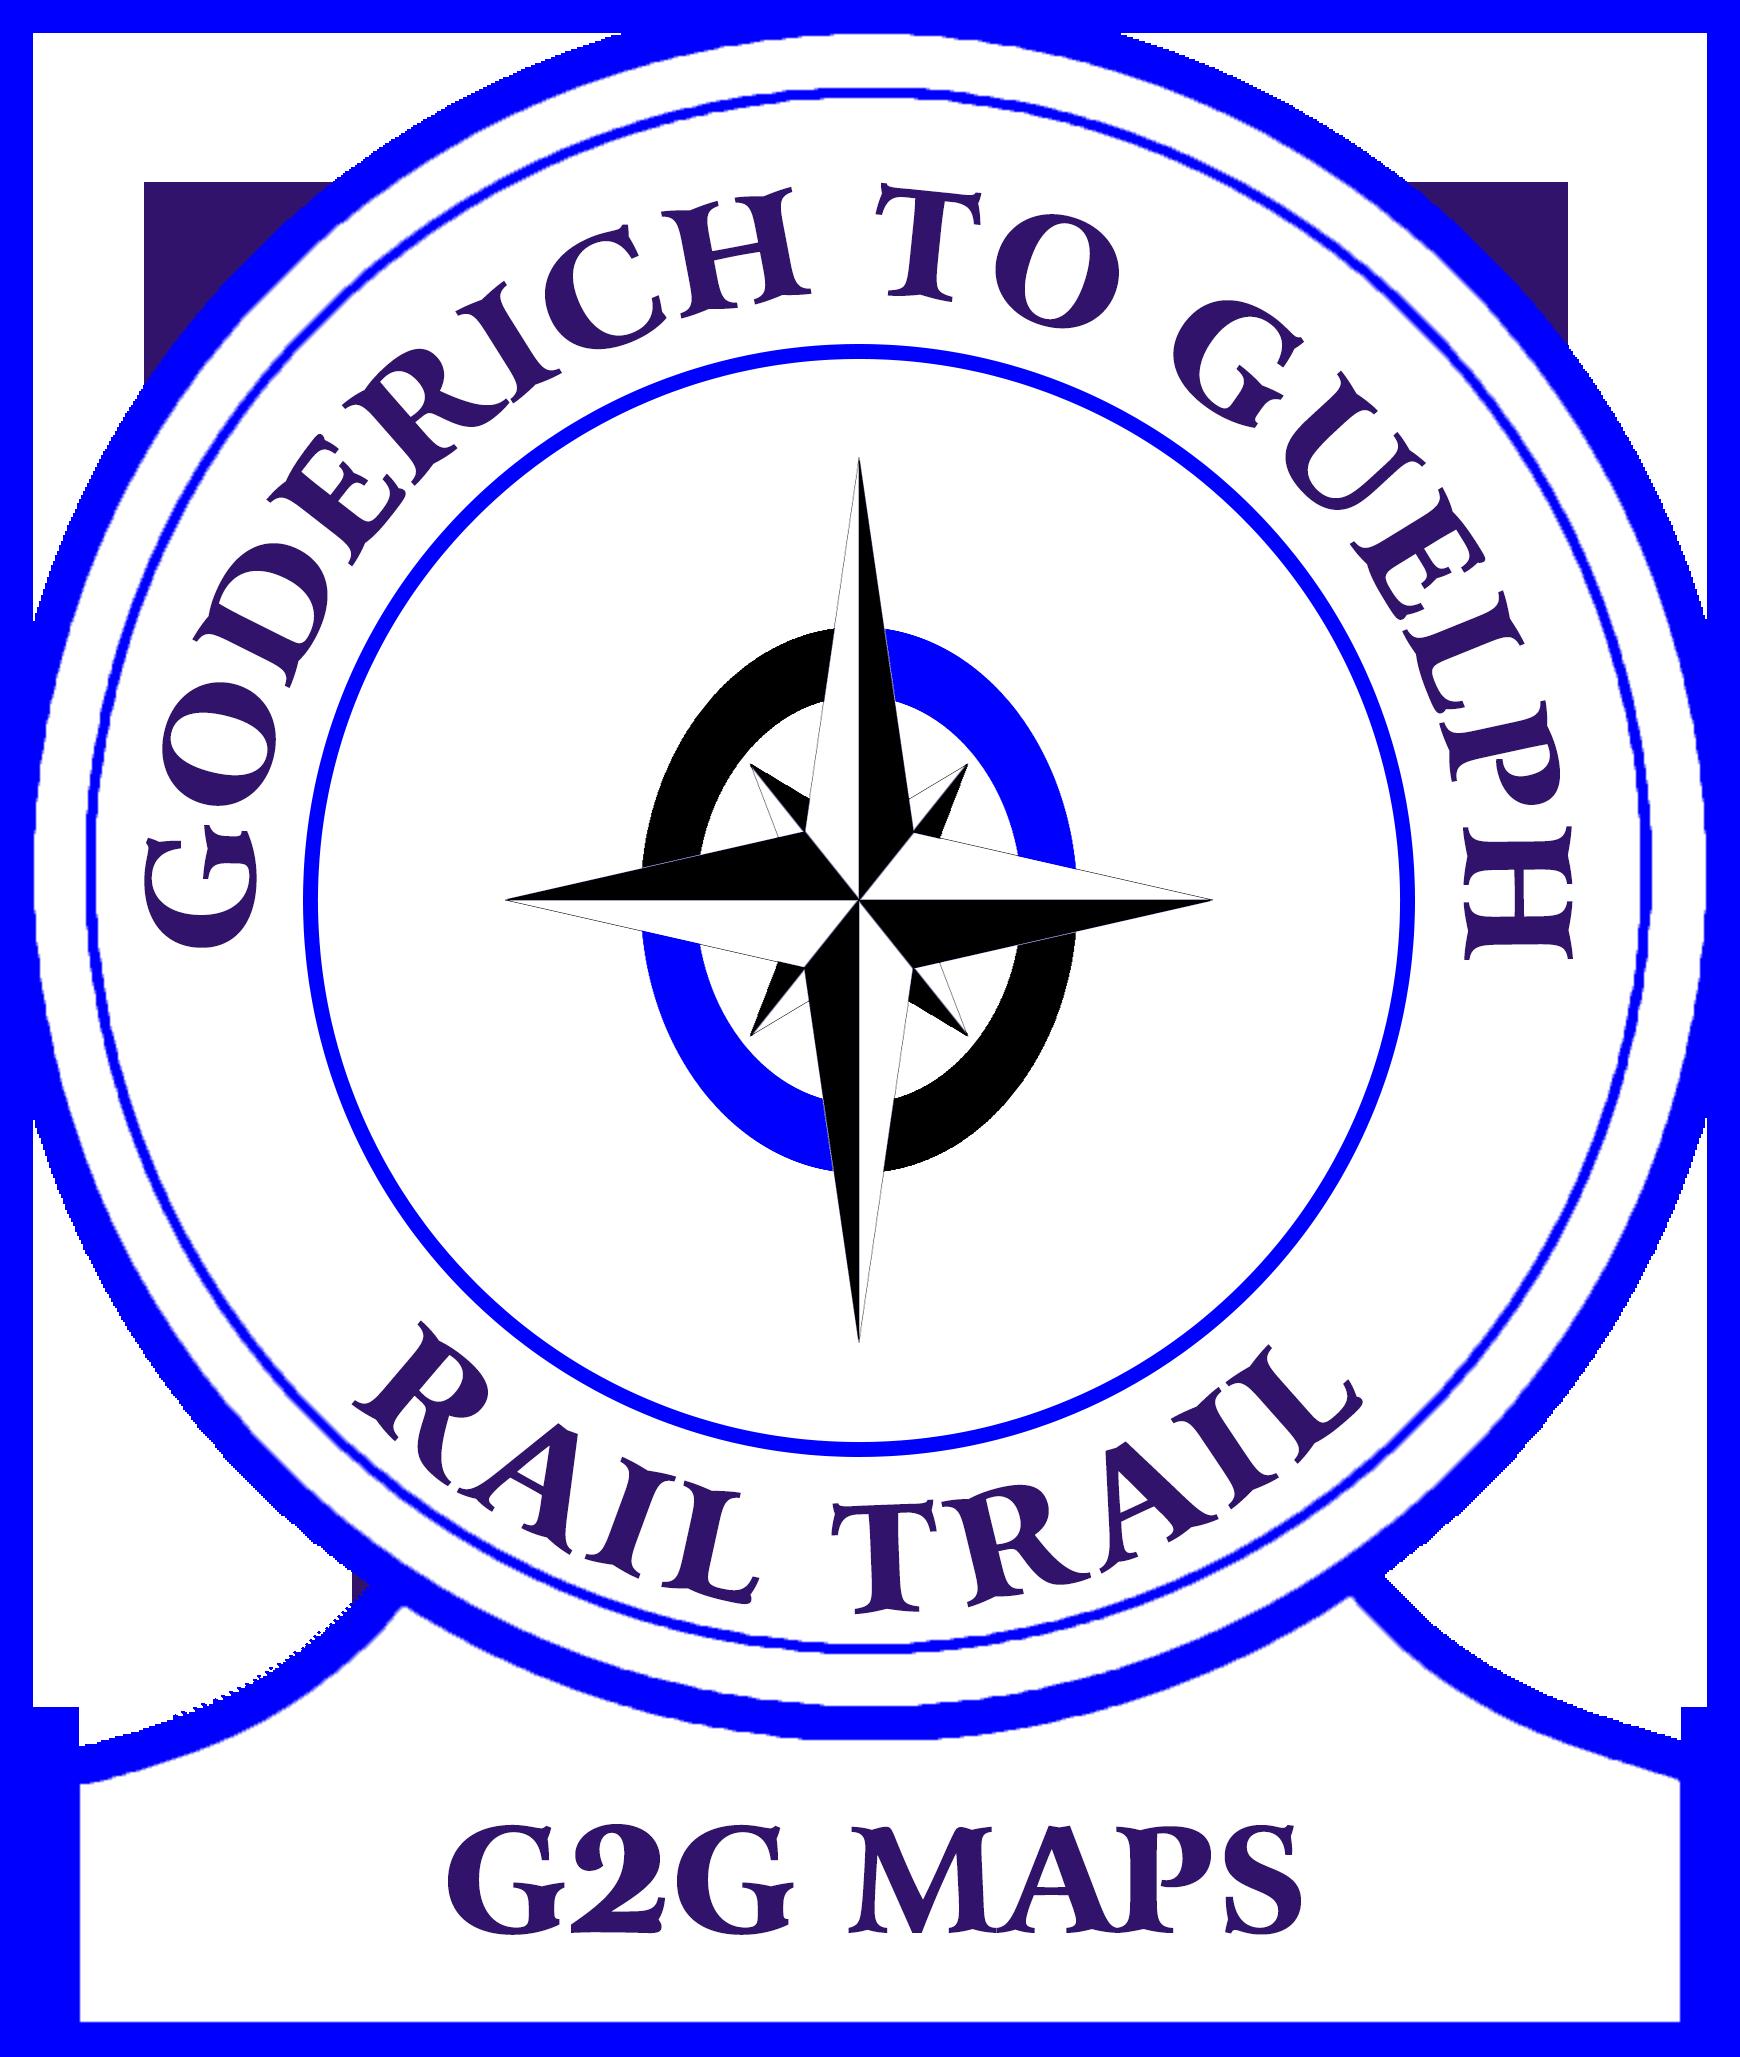 G2G-Maps